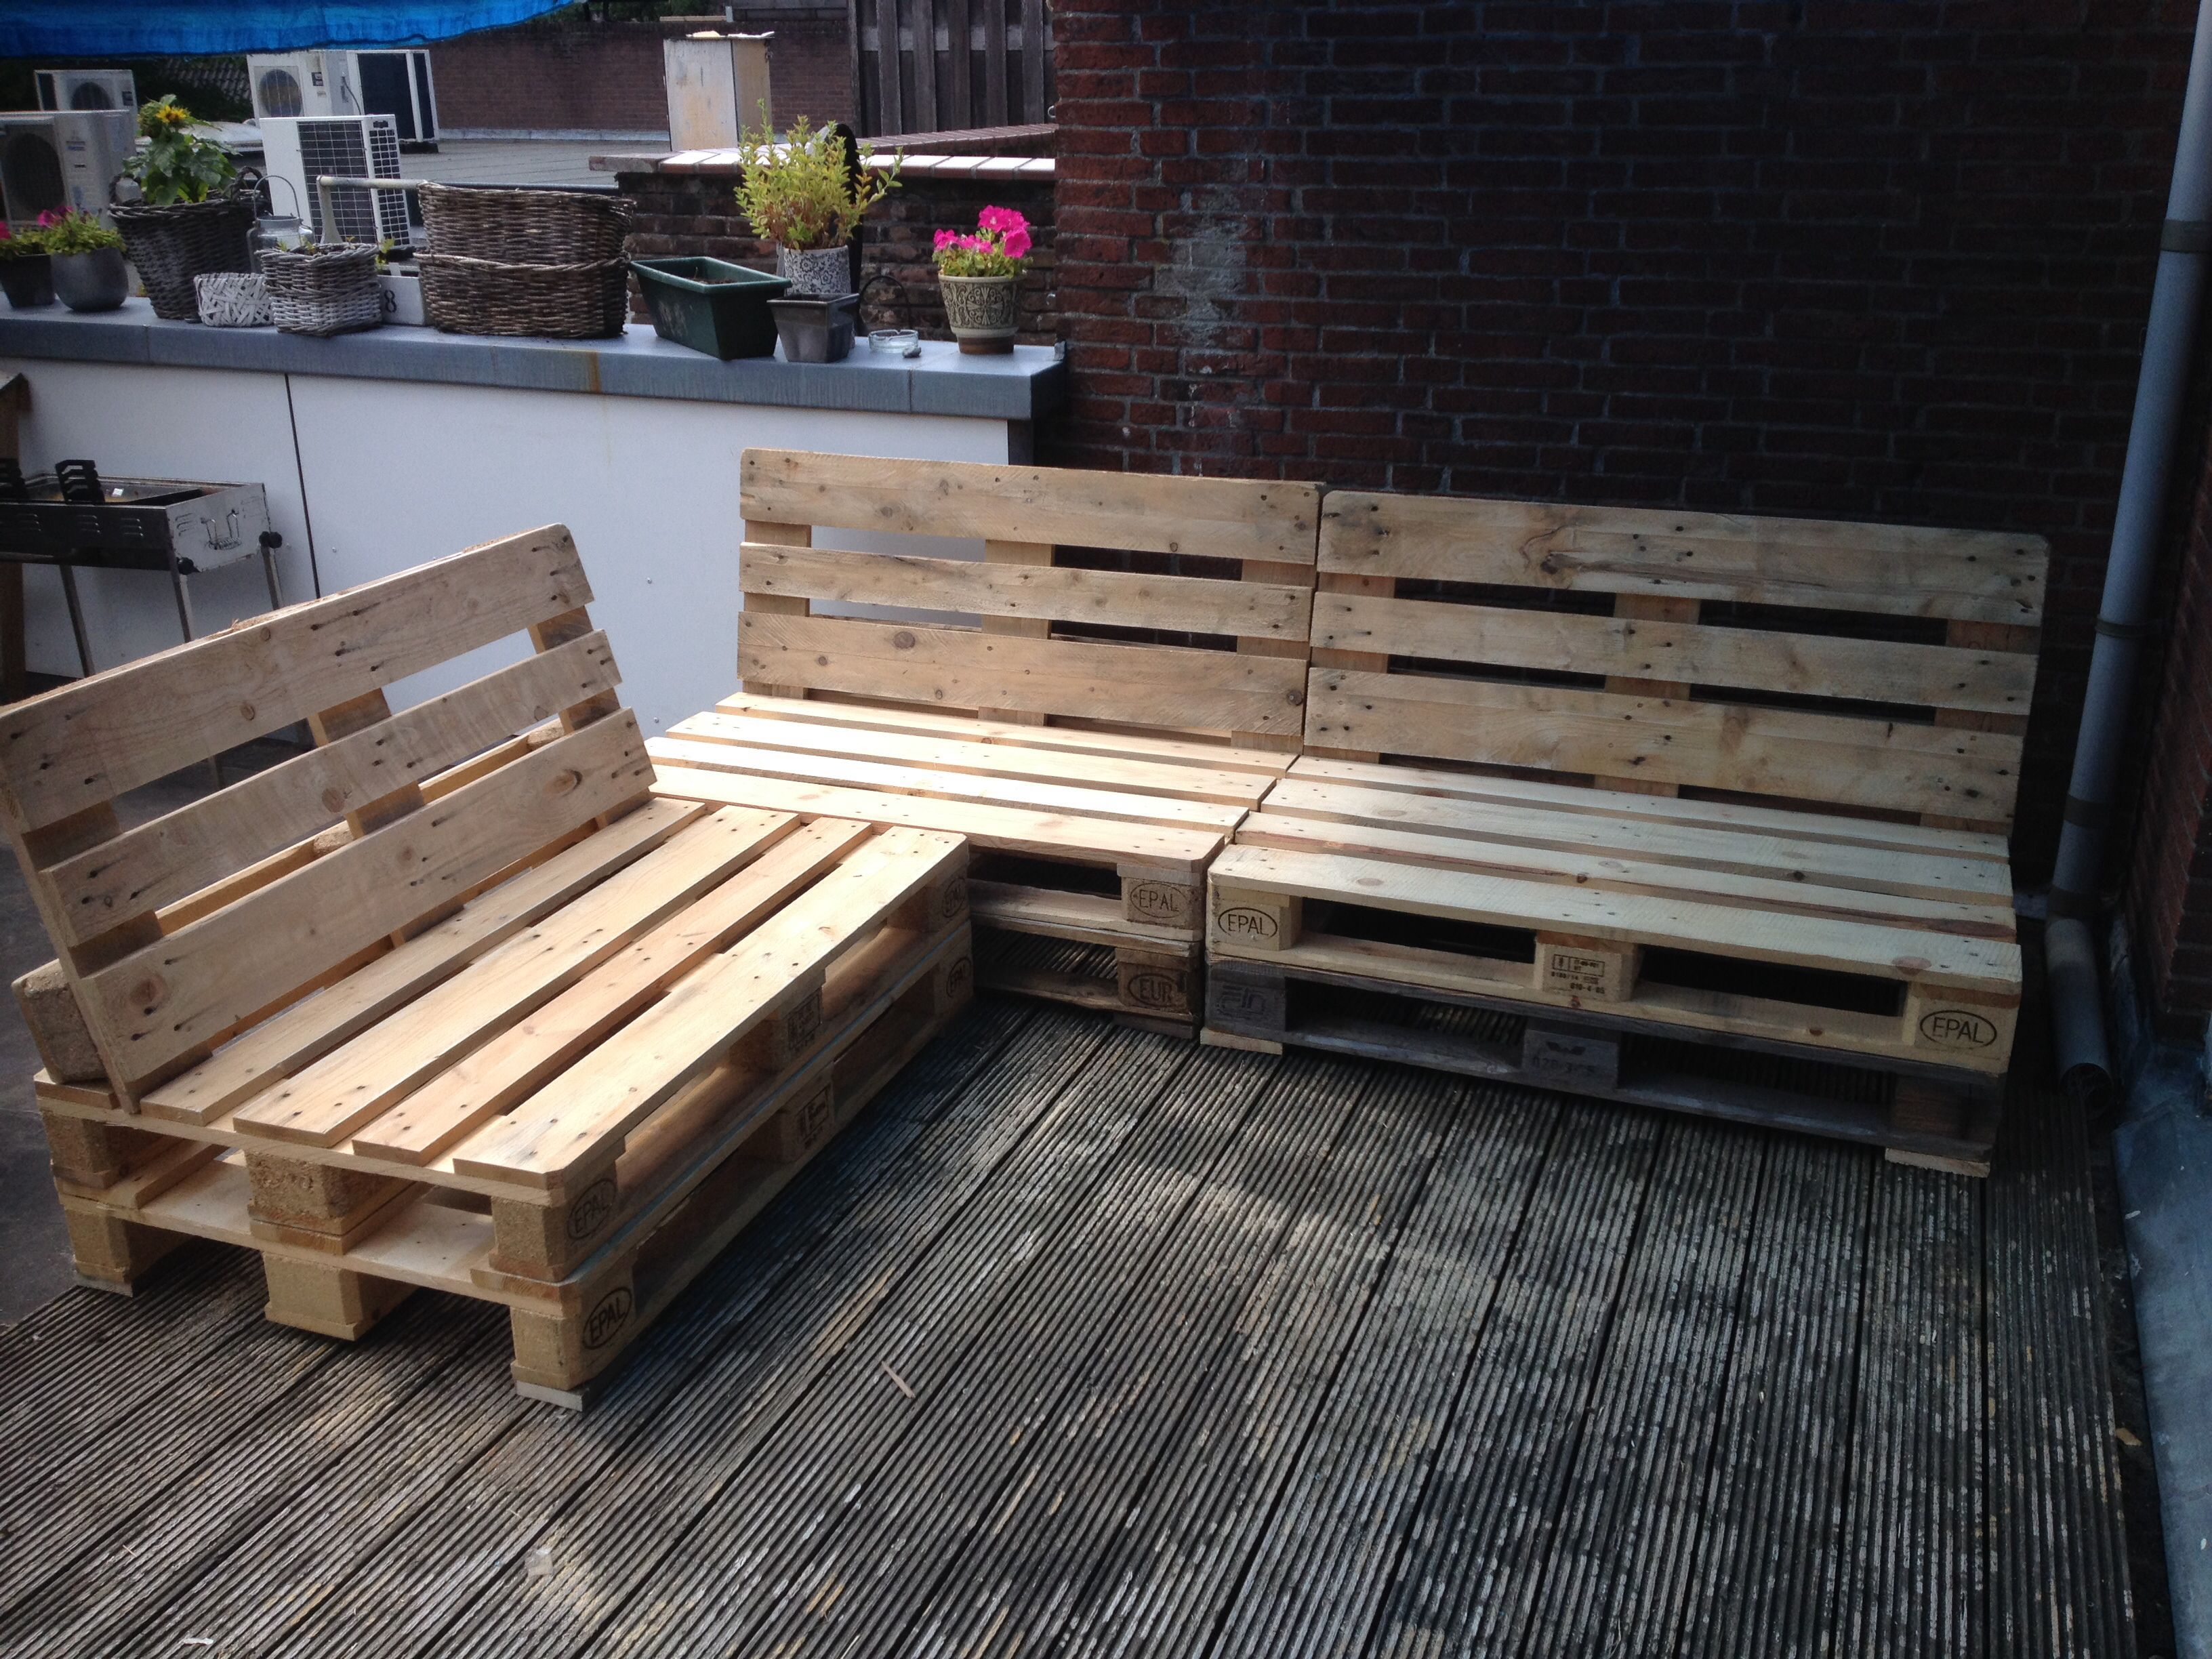 Diy Budget Loungebank : Loungebank van pallets makkelijk te maken veel mogelijkheden